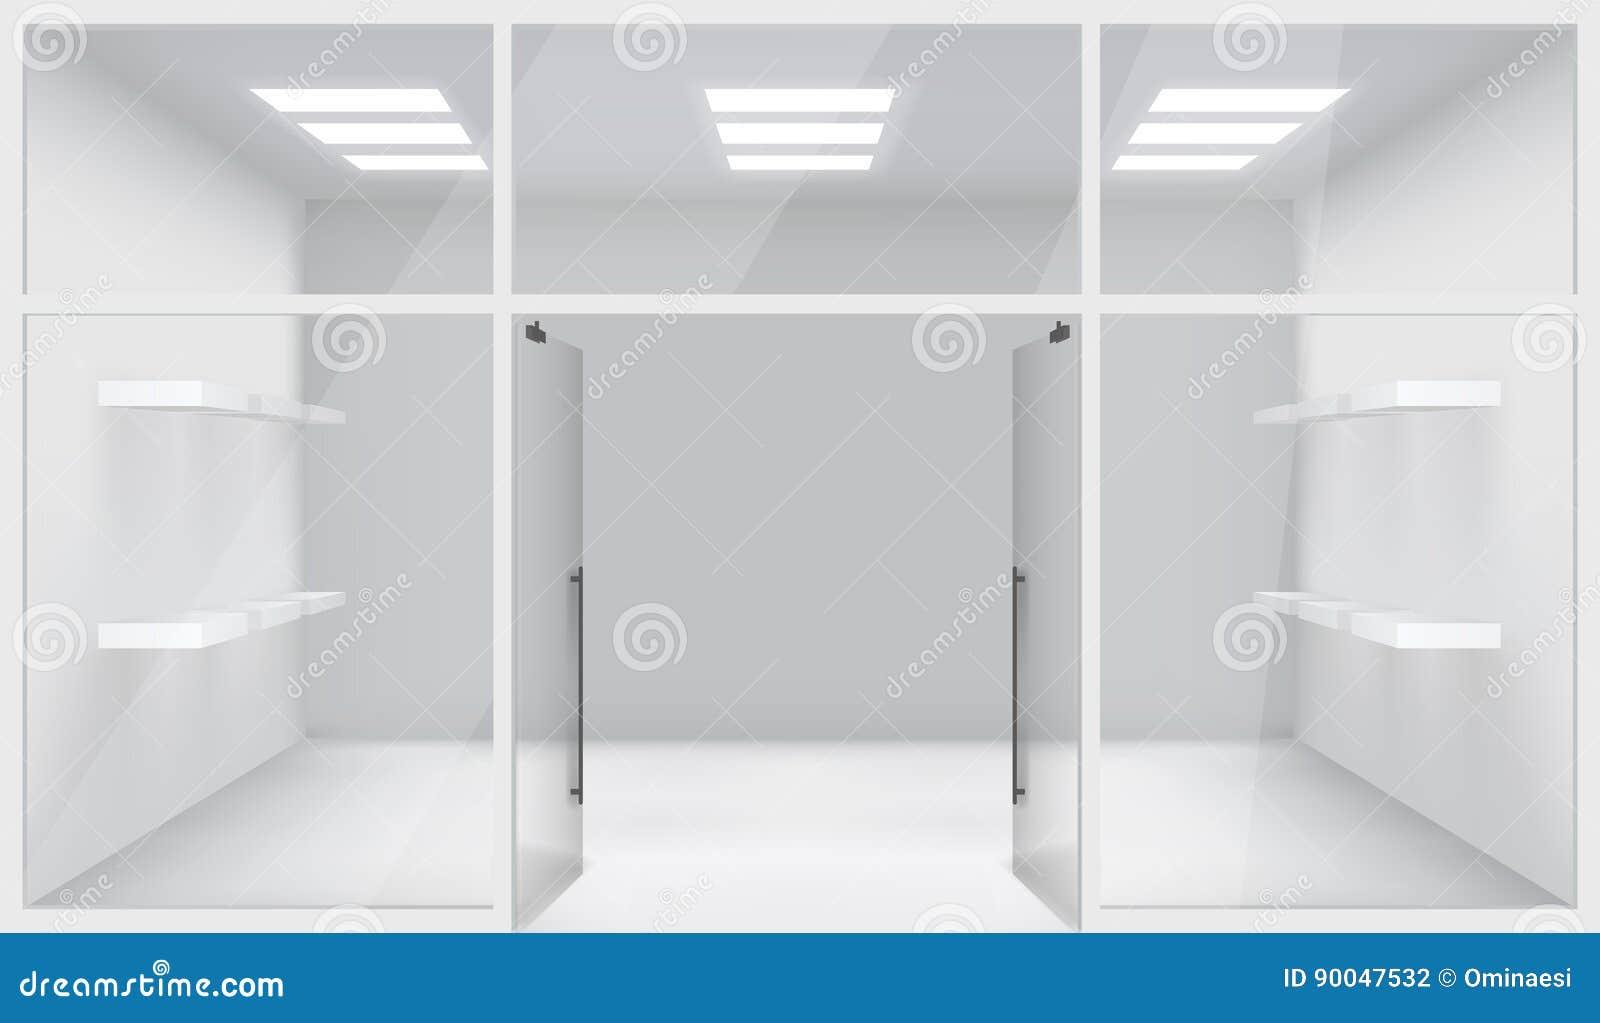 Las puertas abiertas del espacio realista de Front Store Shop 3d dejan de lado el ejemplo del vector del fondo de la maqueta de l